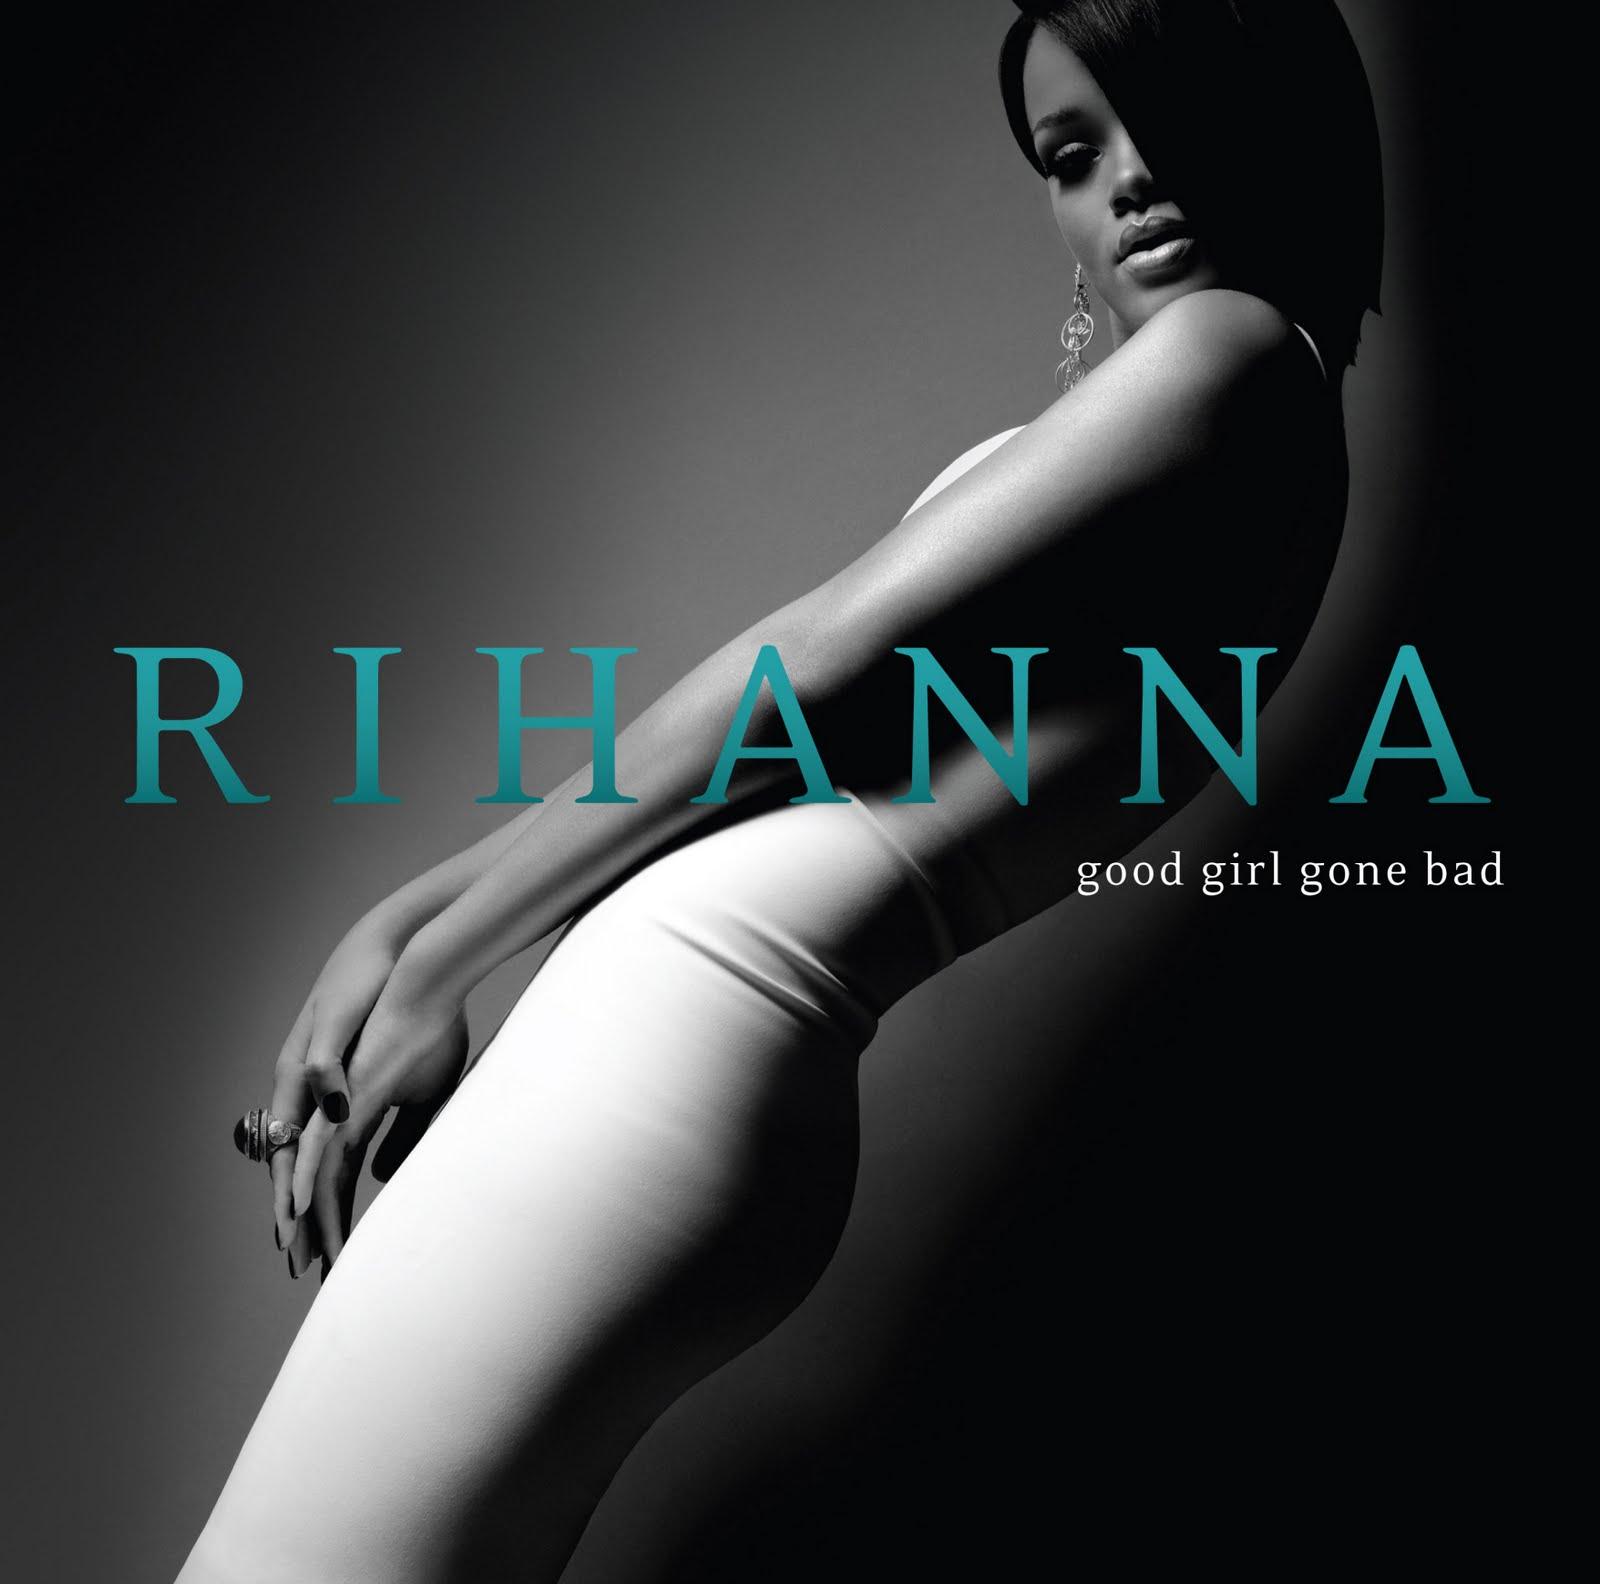 http://1.bp.blogspot.com/-noDApin-2Ms/T38nIM0uamI/AAAAAAAAD1k/6aMw_FZ4RVA/s1600/rihanna+-+Good+Girl+Gone+Bad+%282007%29.jpg